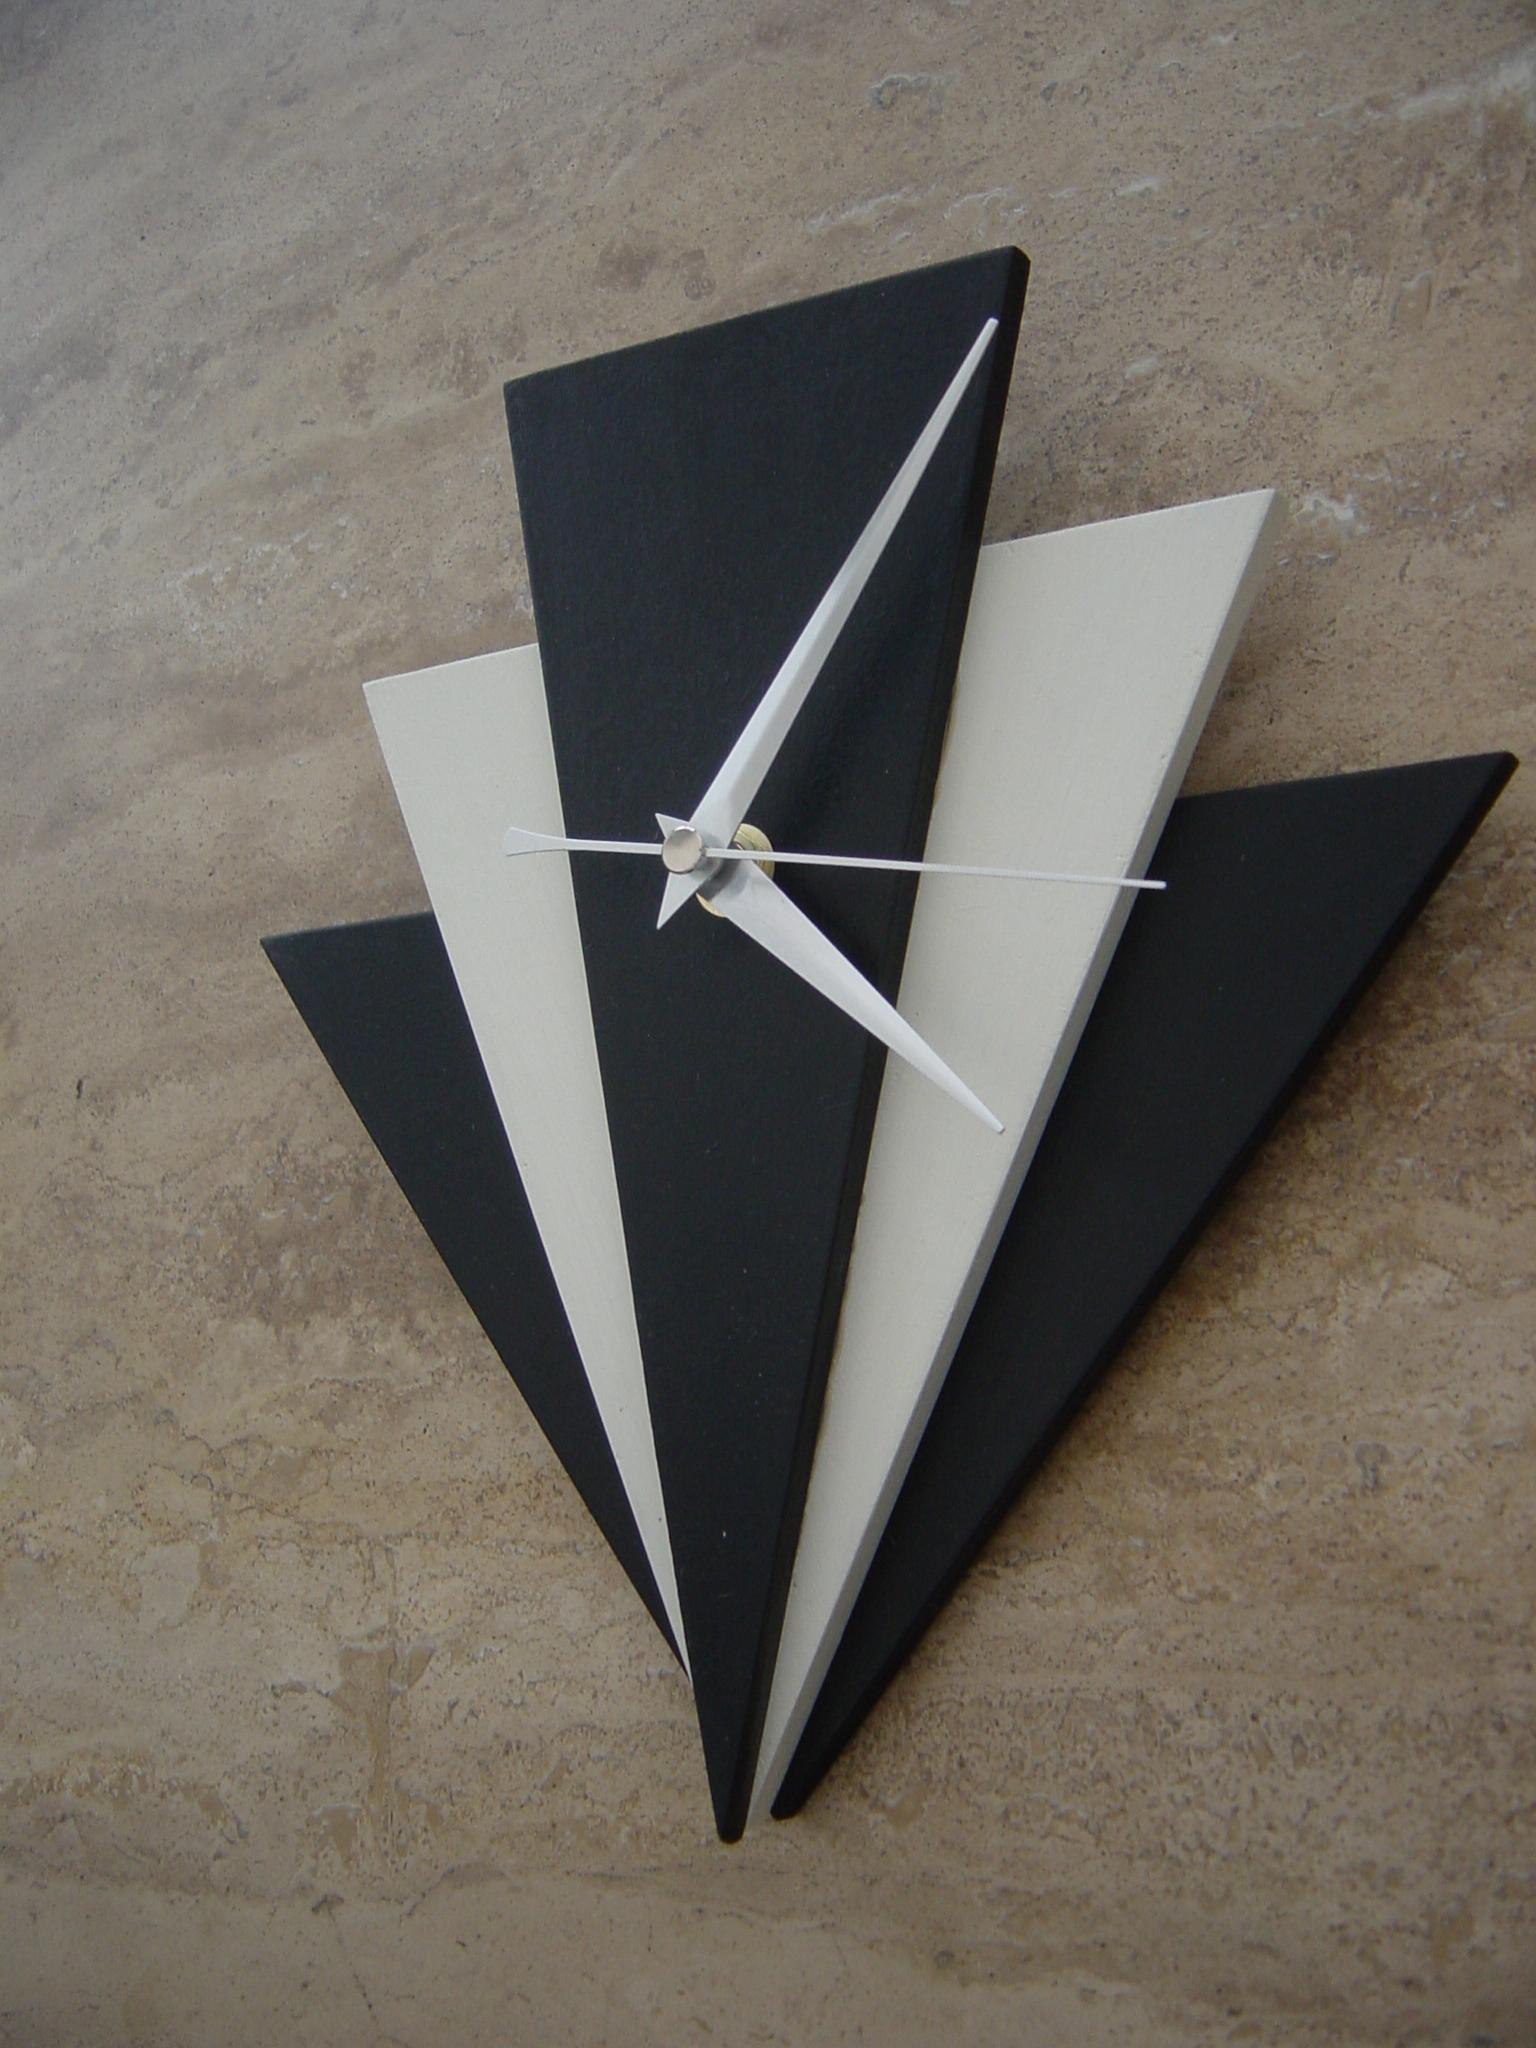 Cozy Art Deco Wall Clock 19 Art Deco Wall Clocks For Sale Uk Regarding Art Deco Wall Clocks (Image 12 of 20)